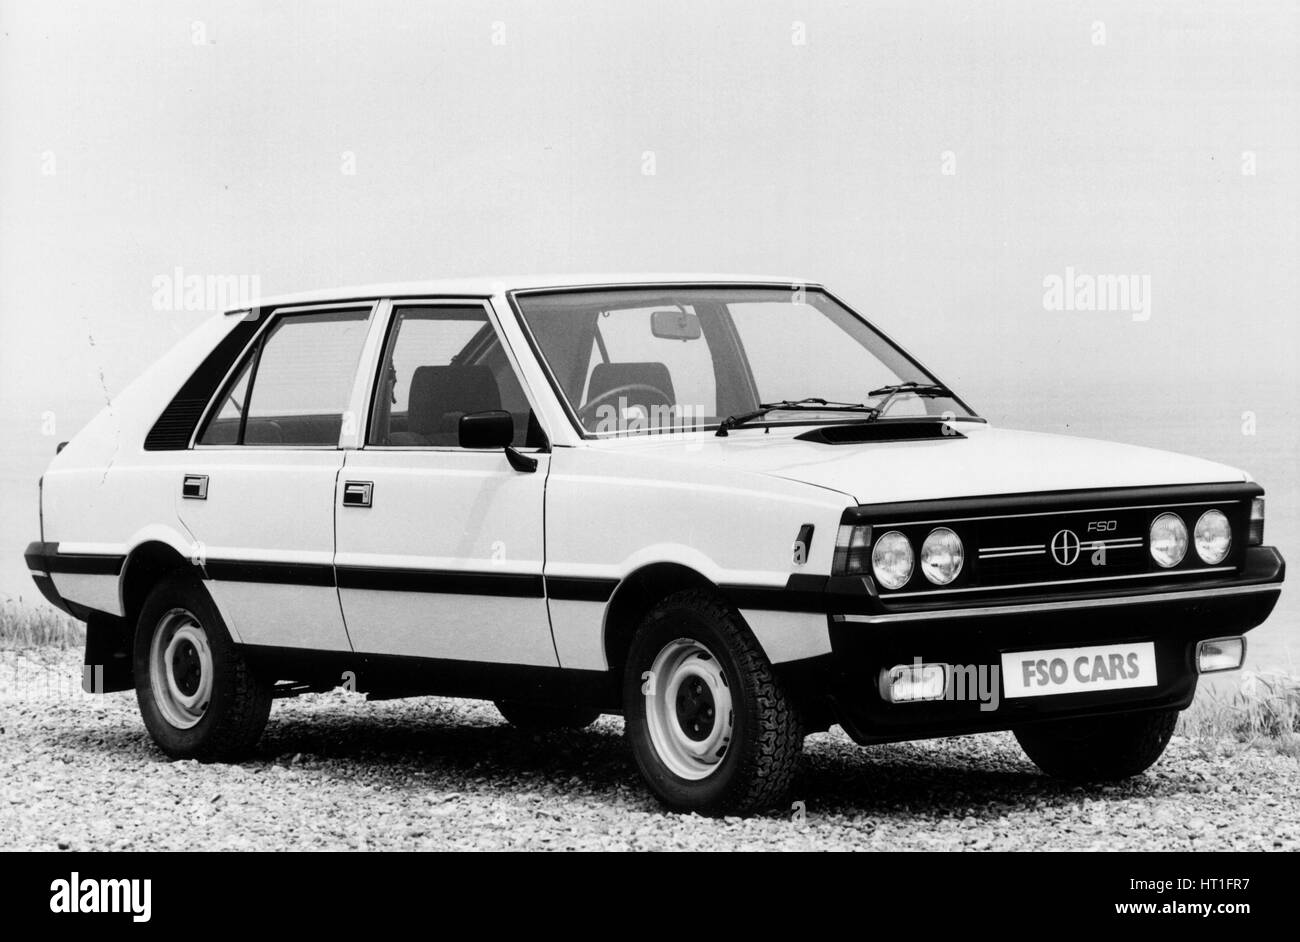 1983 FSO Polonez LE Imagen De Stock